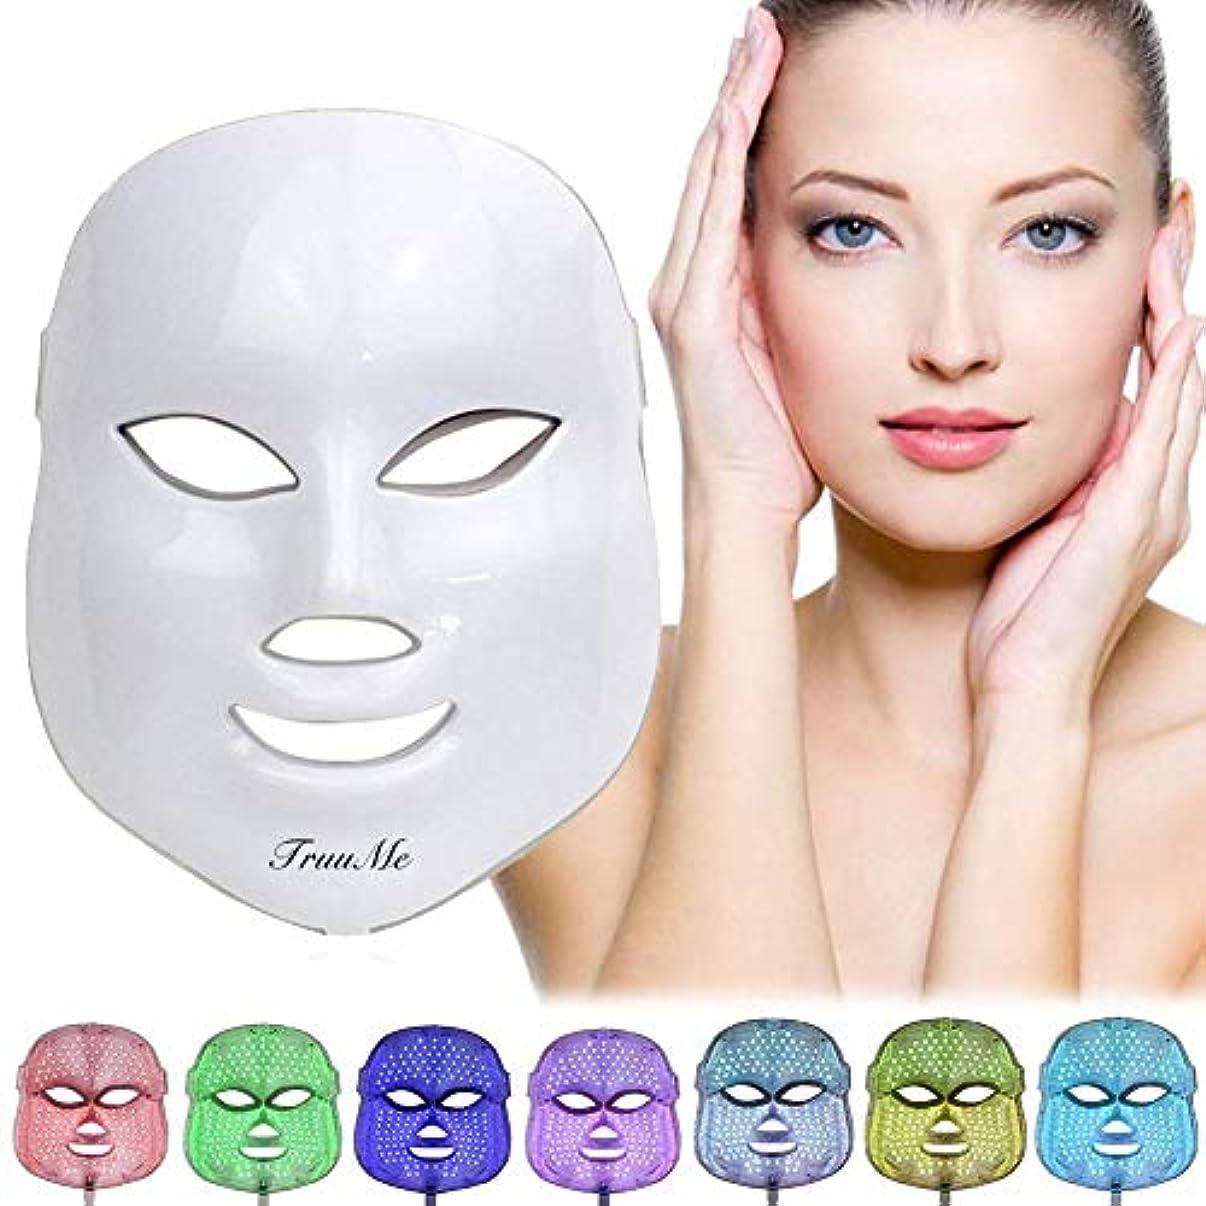 ギャザーリゾート処方LEDフェイスマスク、ライトセラピーニキビマスク、LEDフェイシャルマスク、光線療法マスク、LEDエレクトリックフェイシャルマスク、7色光治療、ニキビ治療用マスク、斑点、にきび、皮膚のシミ